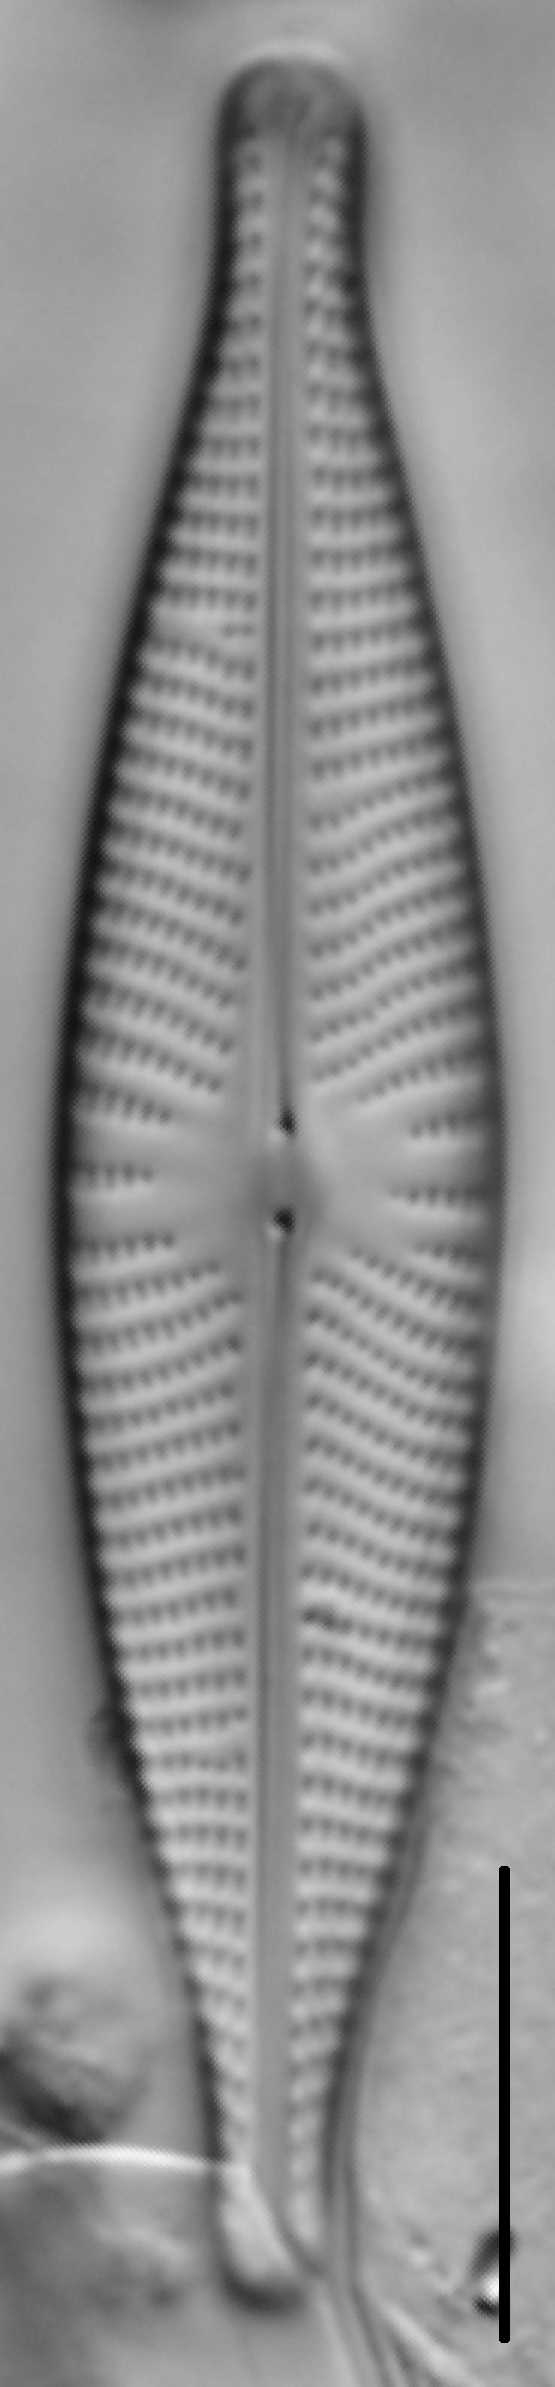 Navicula rhynchocephala LM5